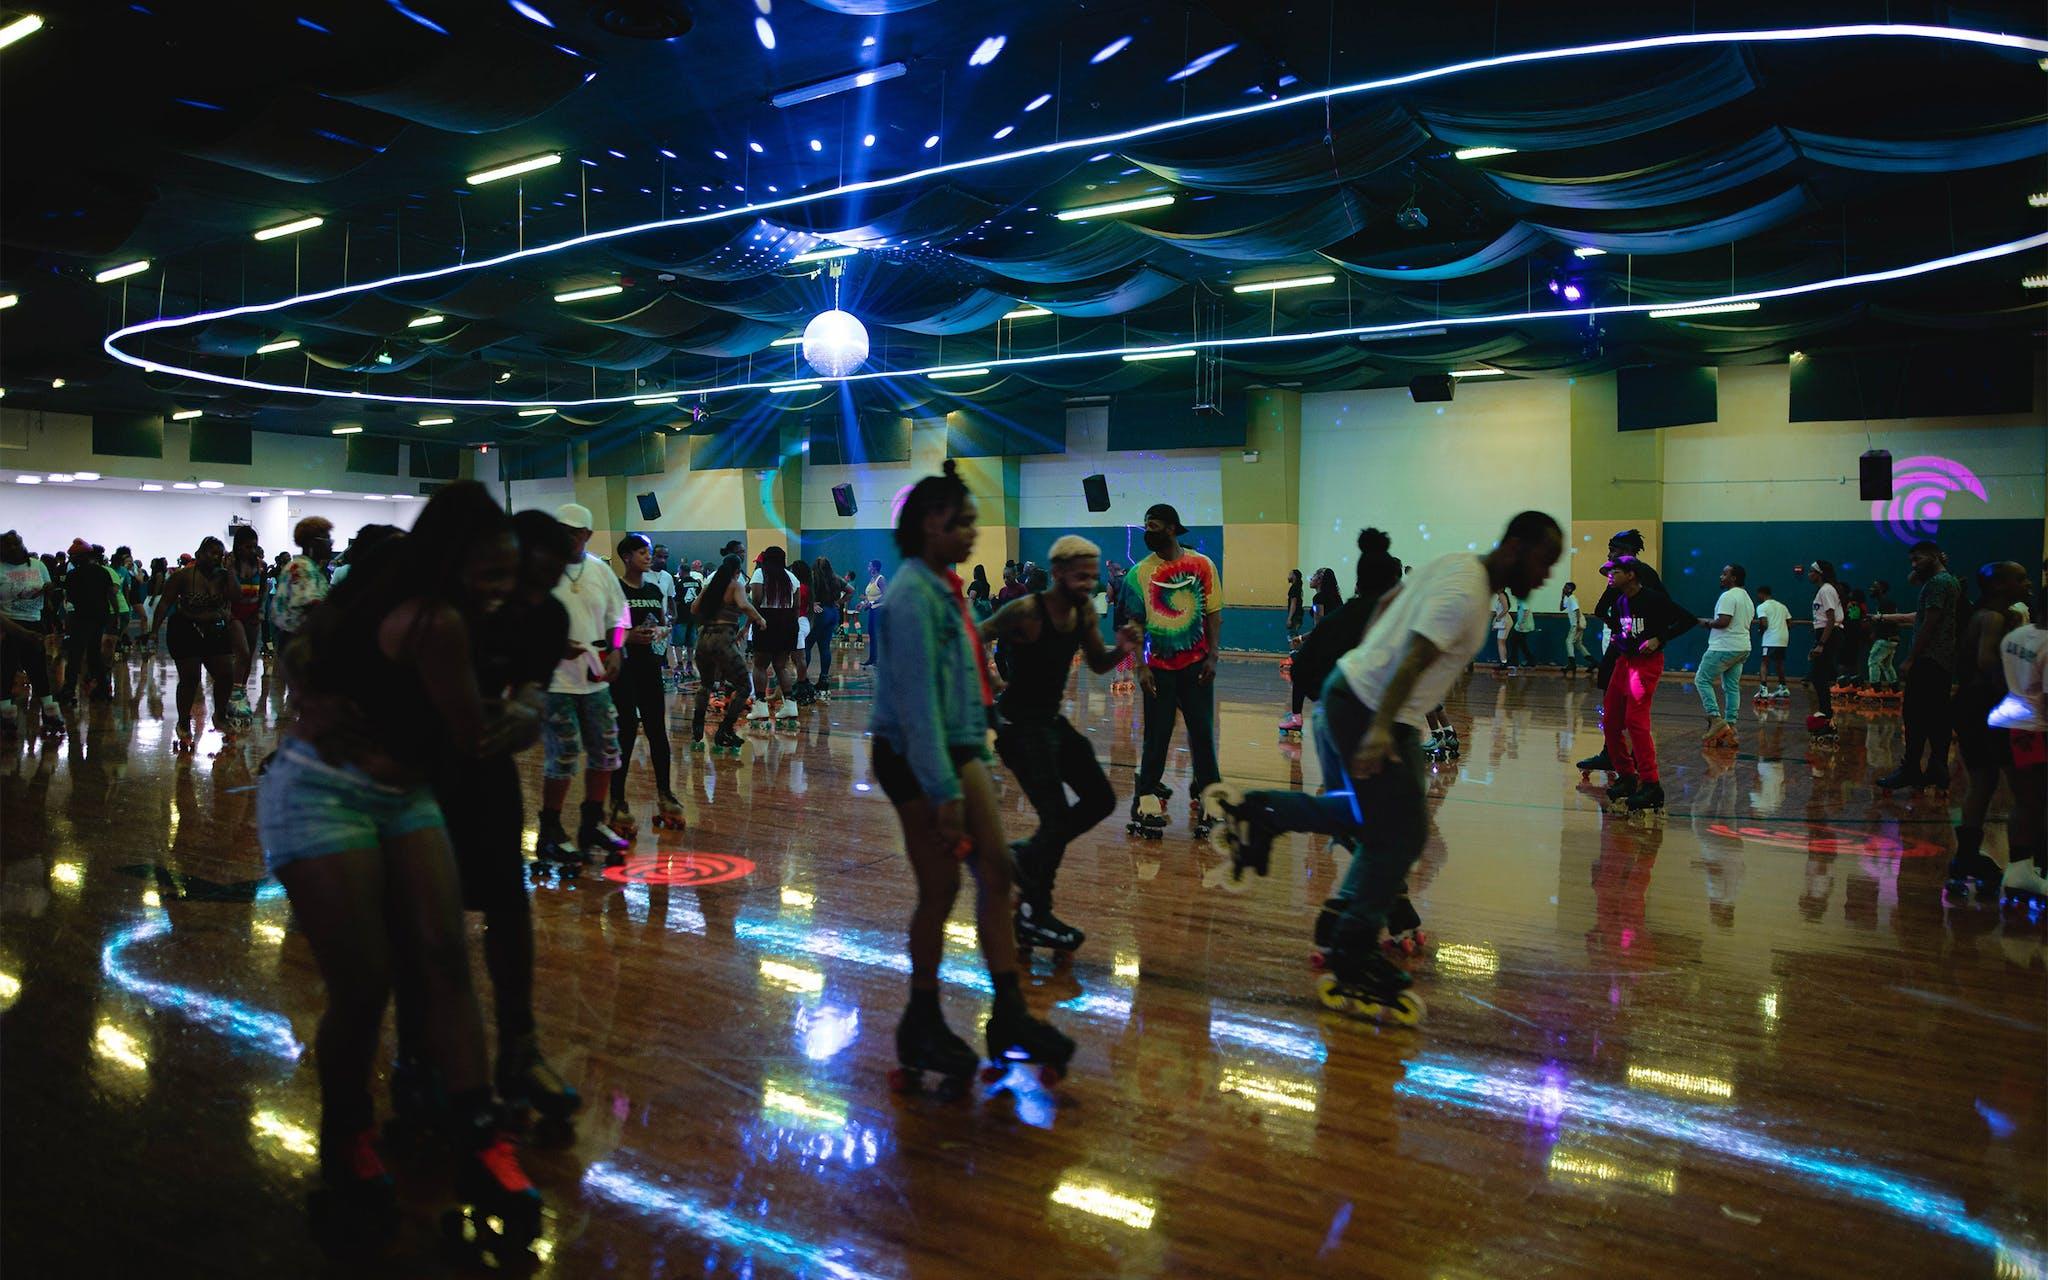 The Skate Jam at Arlington Skatium, outside of Dallas, on August 14, 2021.